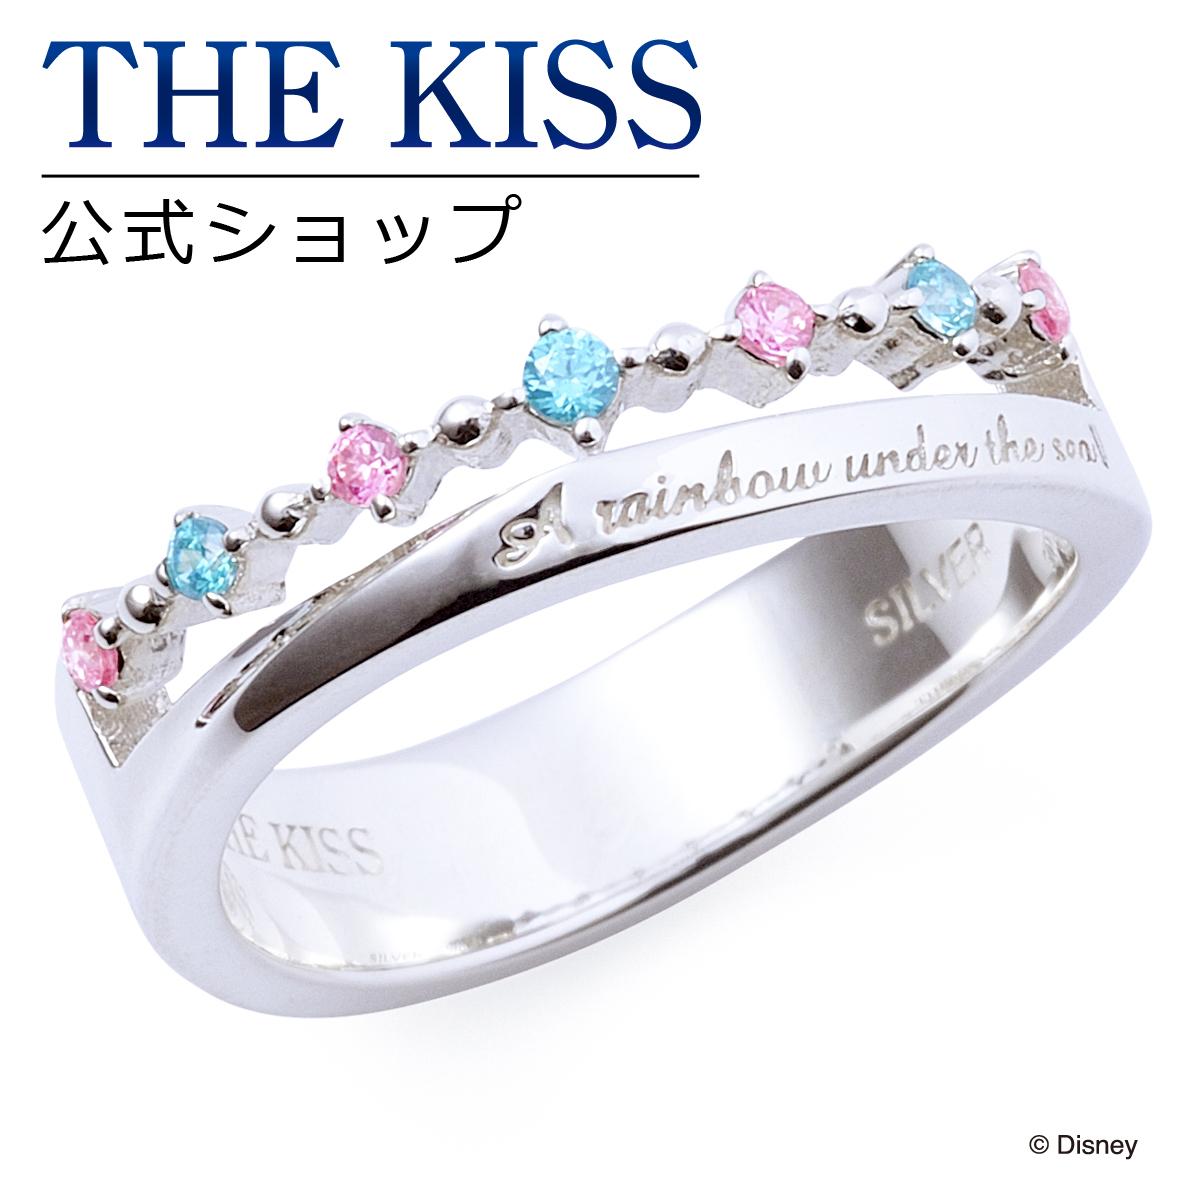 【あす楽対応】【ディズニーコレクション】 ディズニー / レディースリング / ピンキーリング / ディズニープリンセス アリエル / THE KISS リング・指輪 シルバー (レディース) DI-SR801CB ザキス 【送料無料】【Disneyzone】